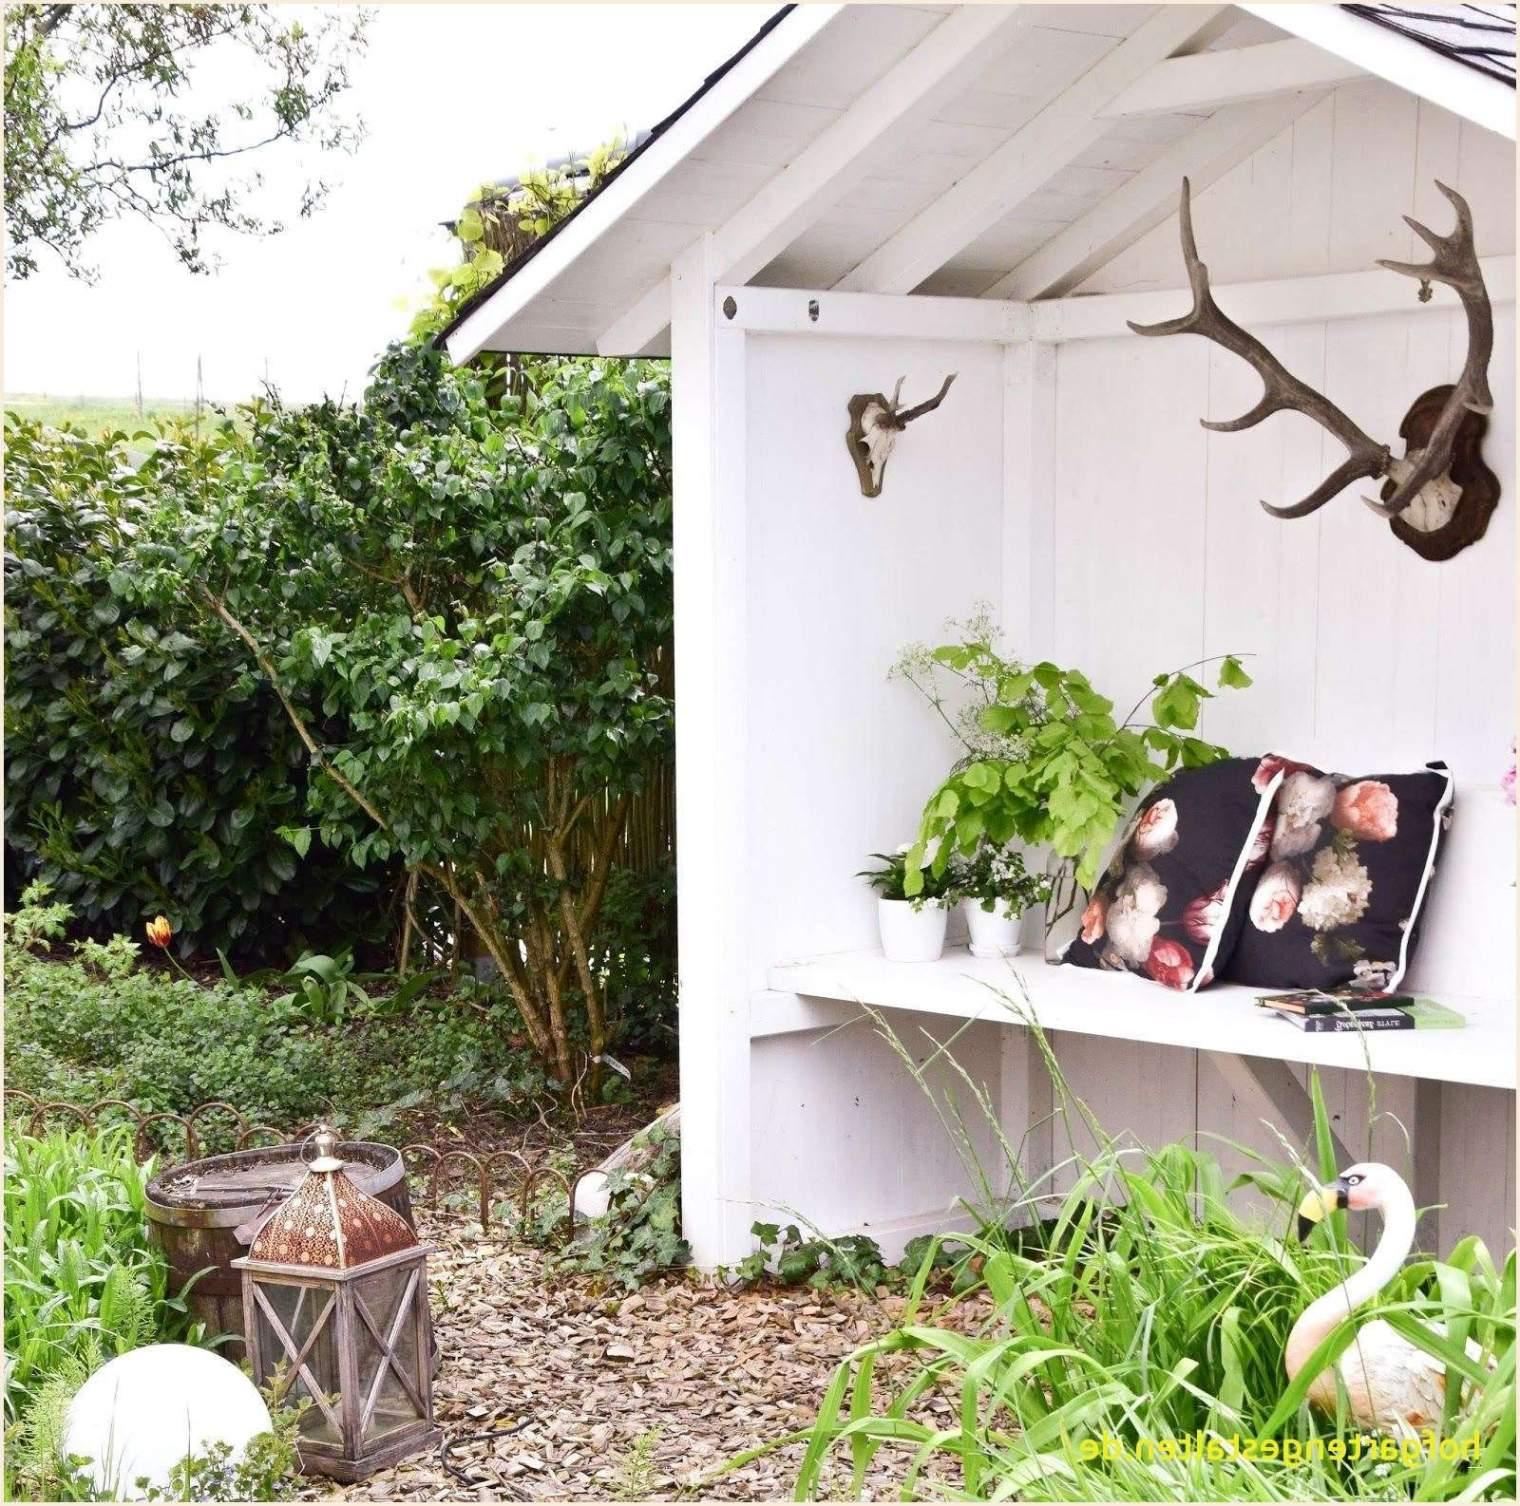 Solarstrom Für Garten Genial Weihnachtsdeko Ideen Für Aussen — Temobardz Home Blog